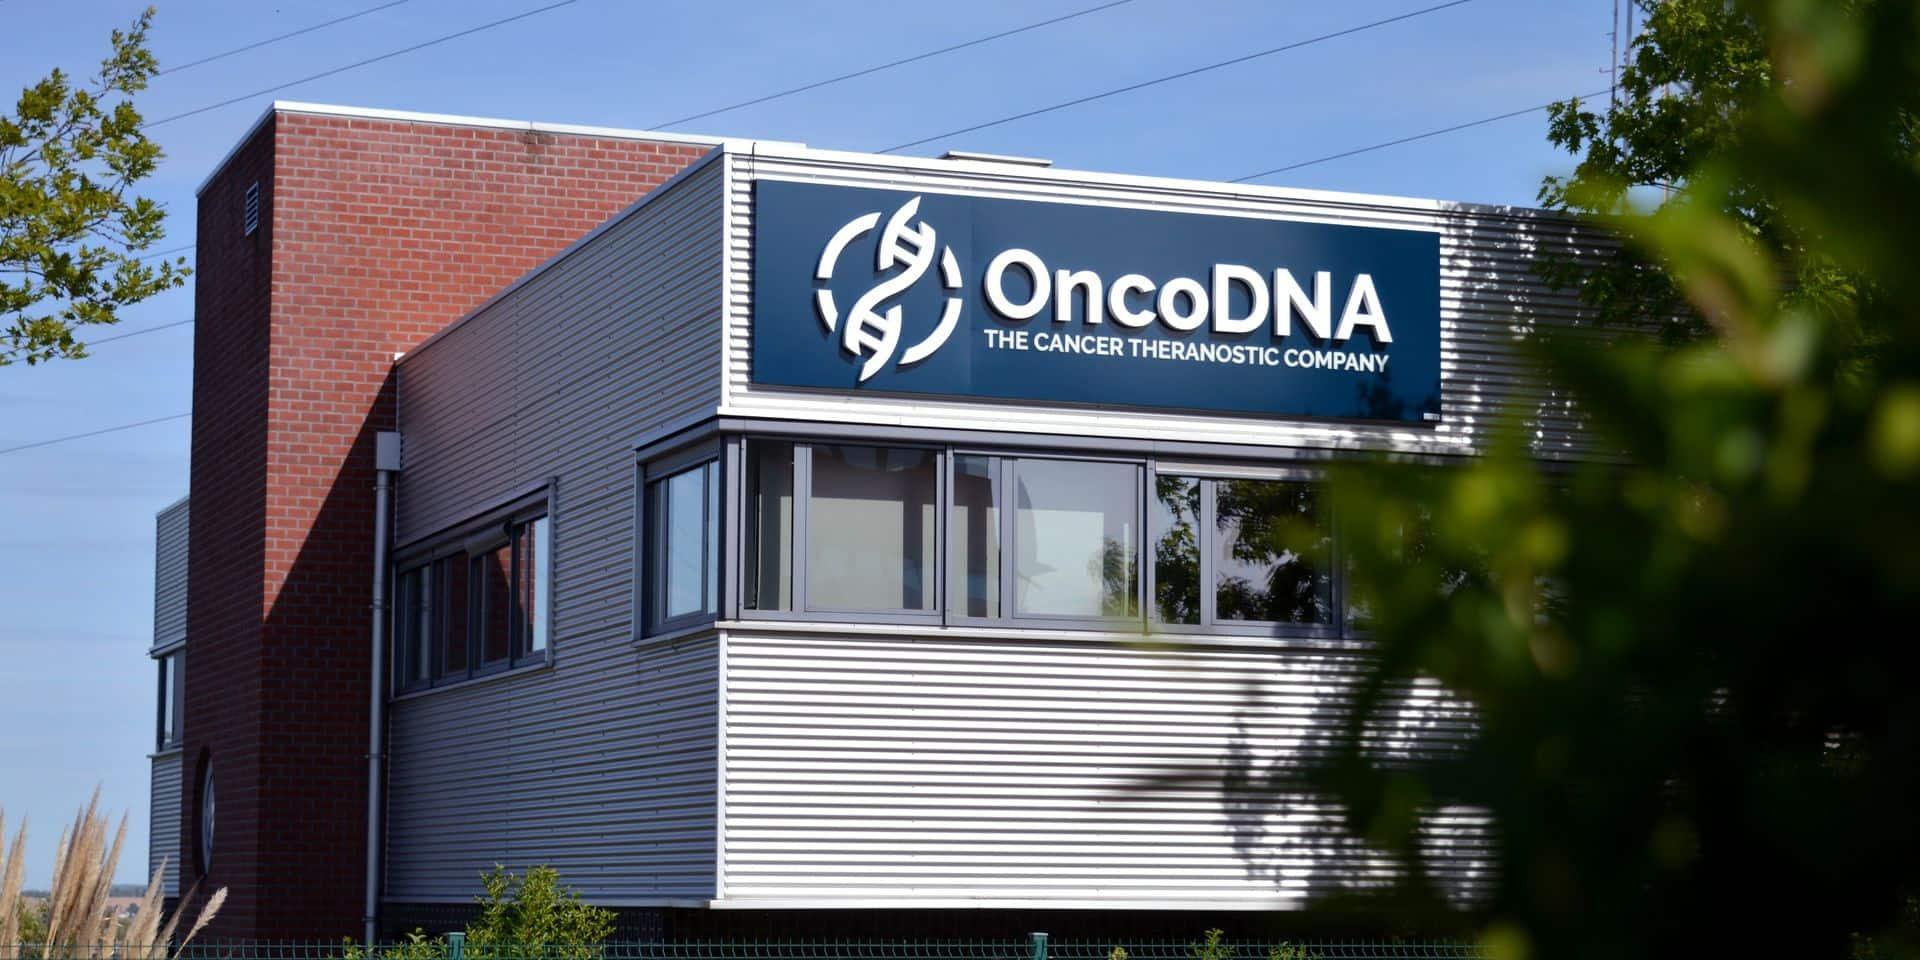 Deux entreprises belges veulent mettre au point des vaccins personnalisés contre le cancer